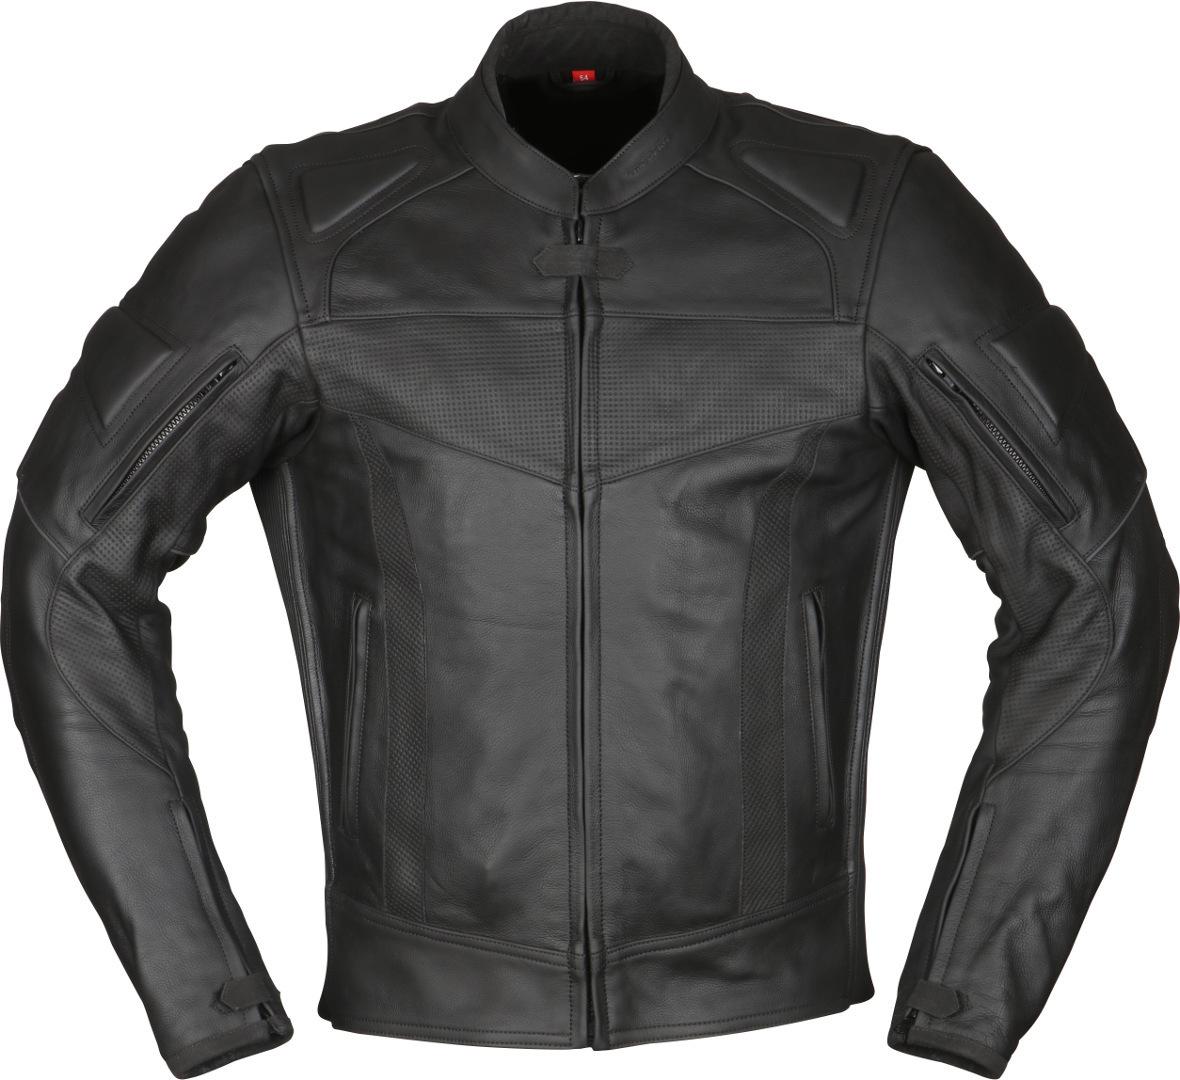 Modeka Hawking II Motorrad Lederjacke, schwarz, Größe 64, schwarz, Größe 64